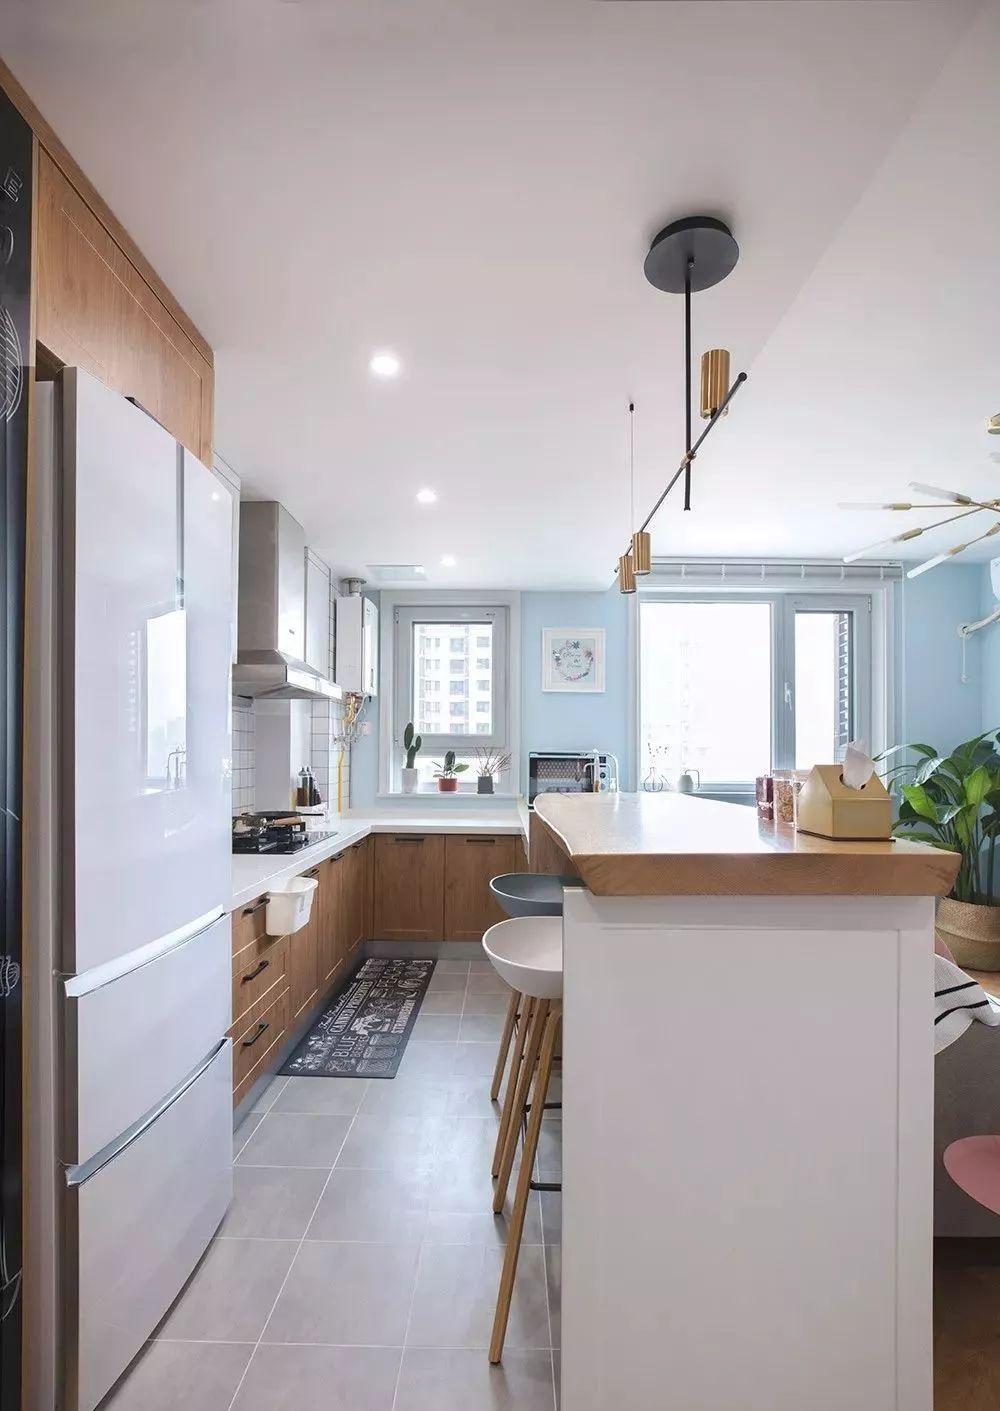 63㎡小户型装修,开放式厨房 吧台设计,轻松变大且不乱图片